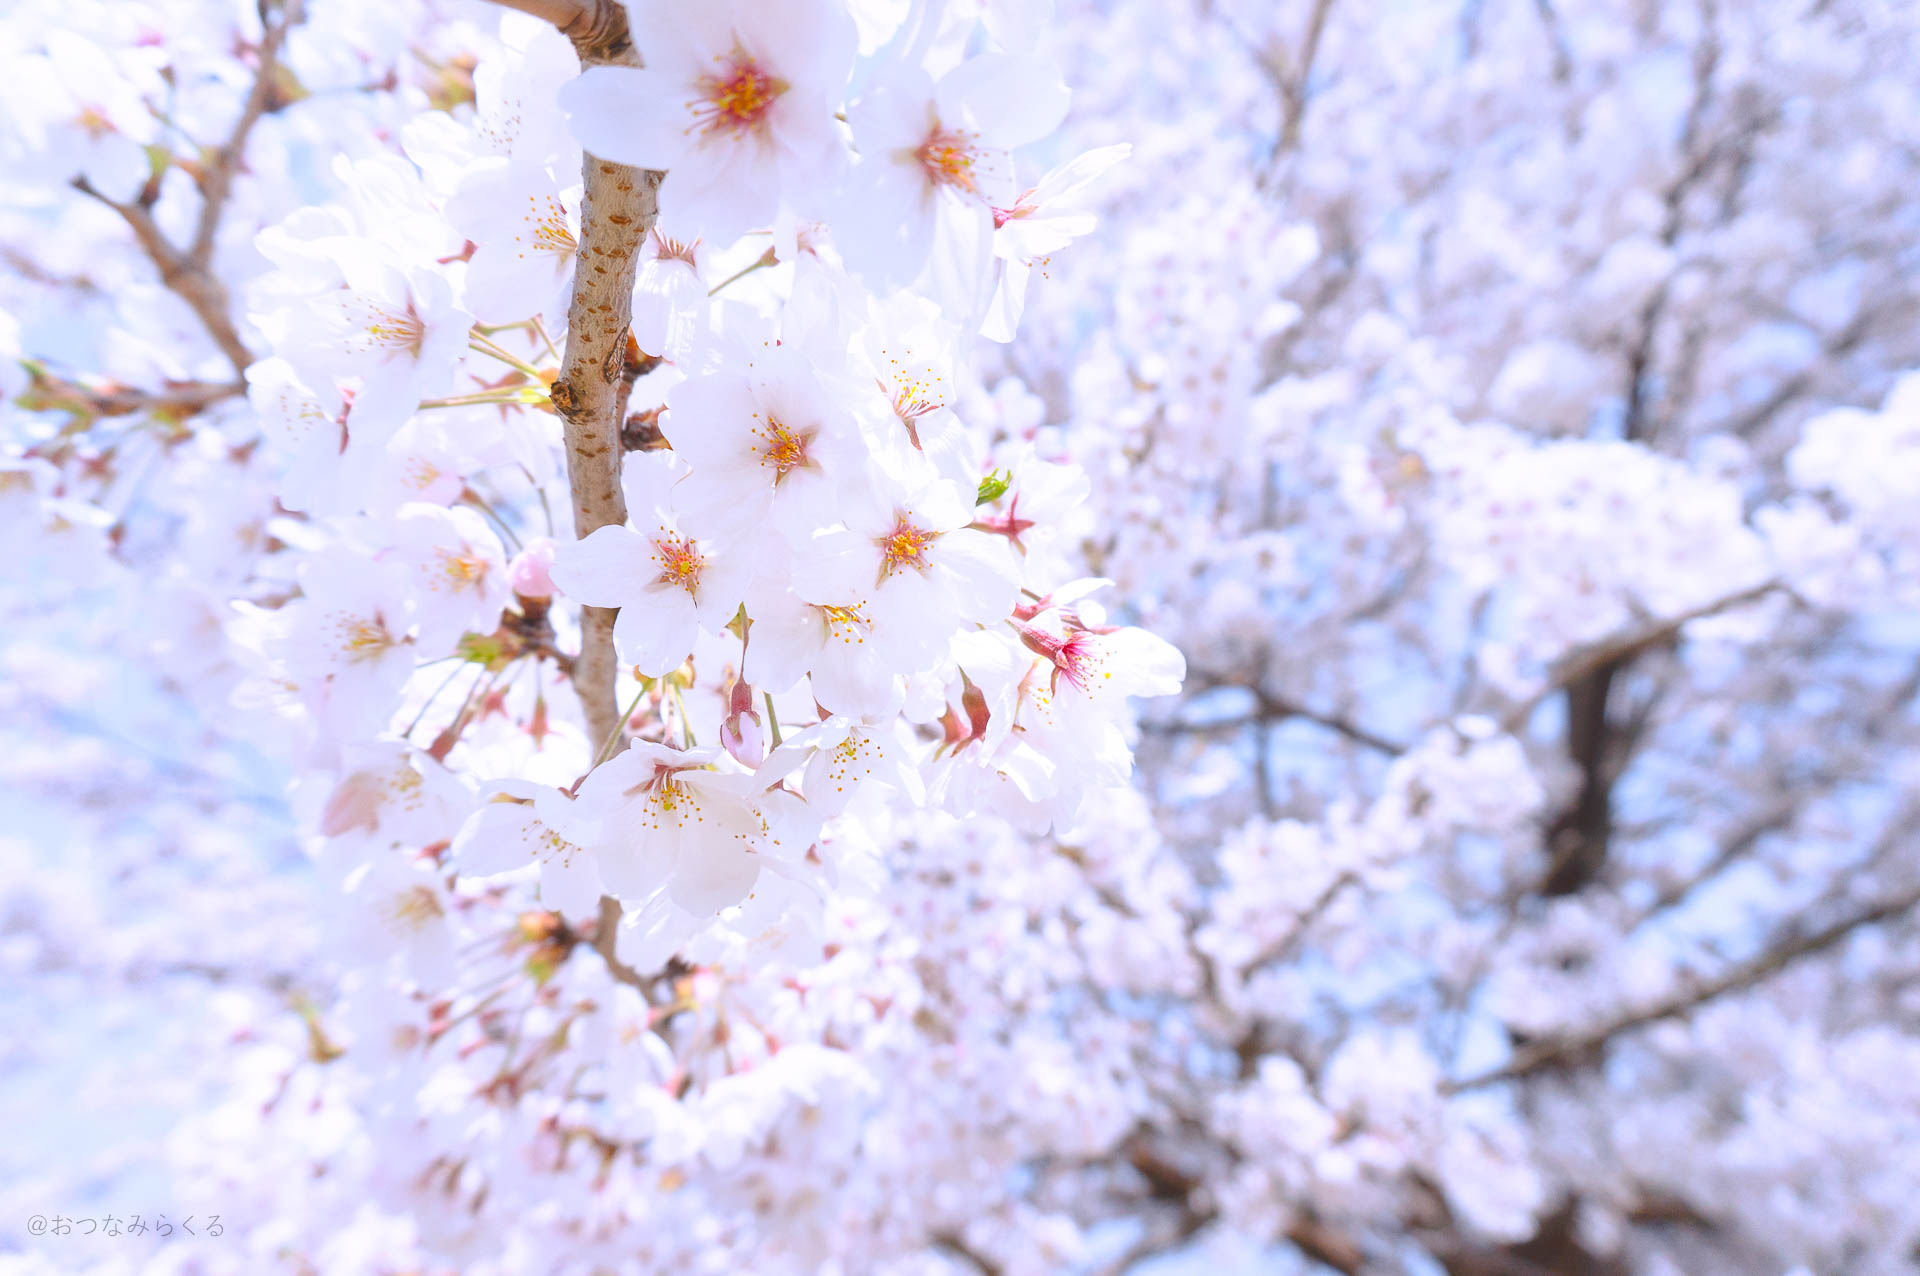 静岡 桜 スナップ